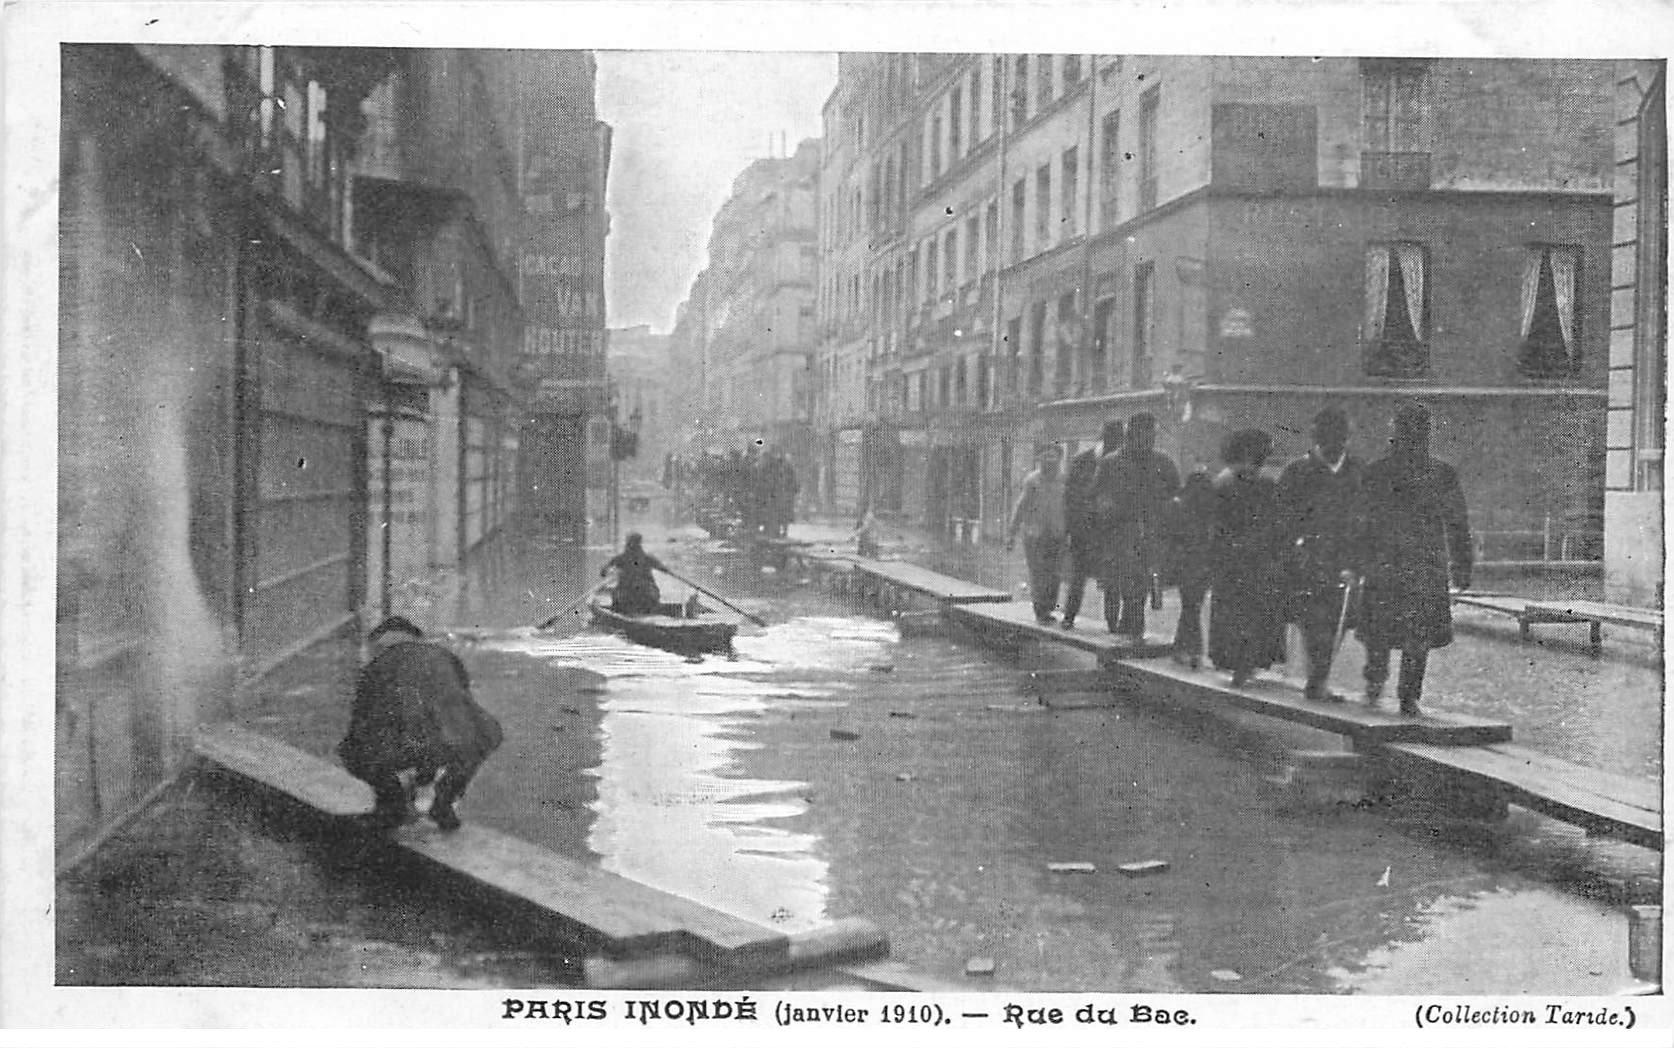 carte postale ancienne INONDATION ET CRUE DE PARIS 1910. Rue du Bac. Collection Taride